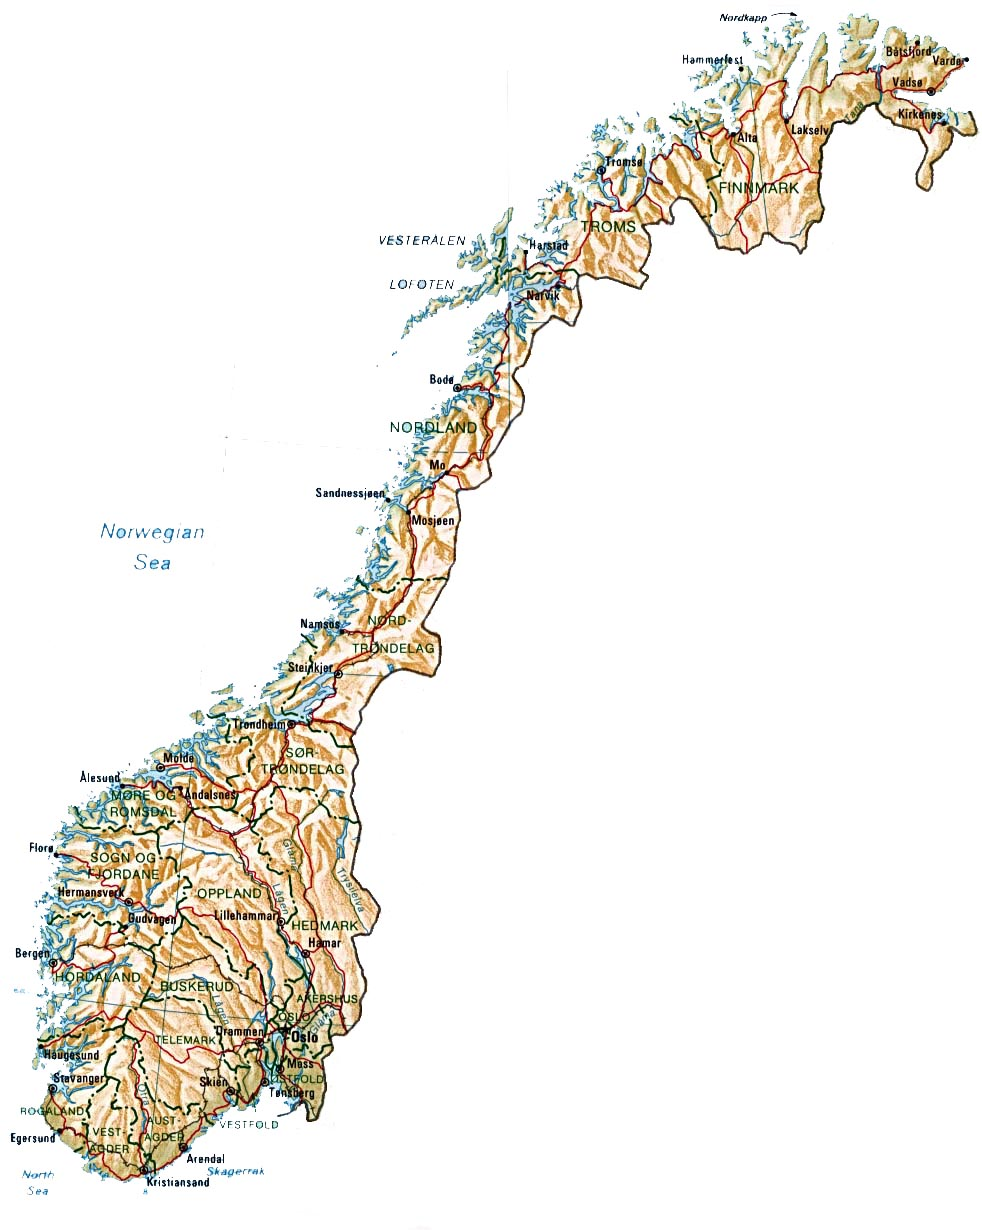 kart over norskekysten februar 2012 | Kart over Norge By Regional Provinsen kart over norskekysten